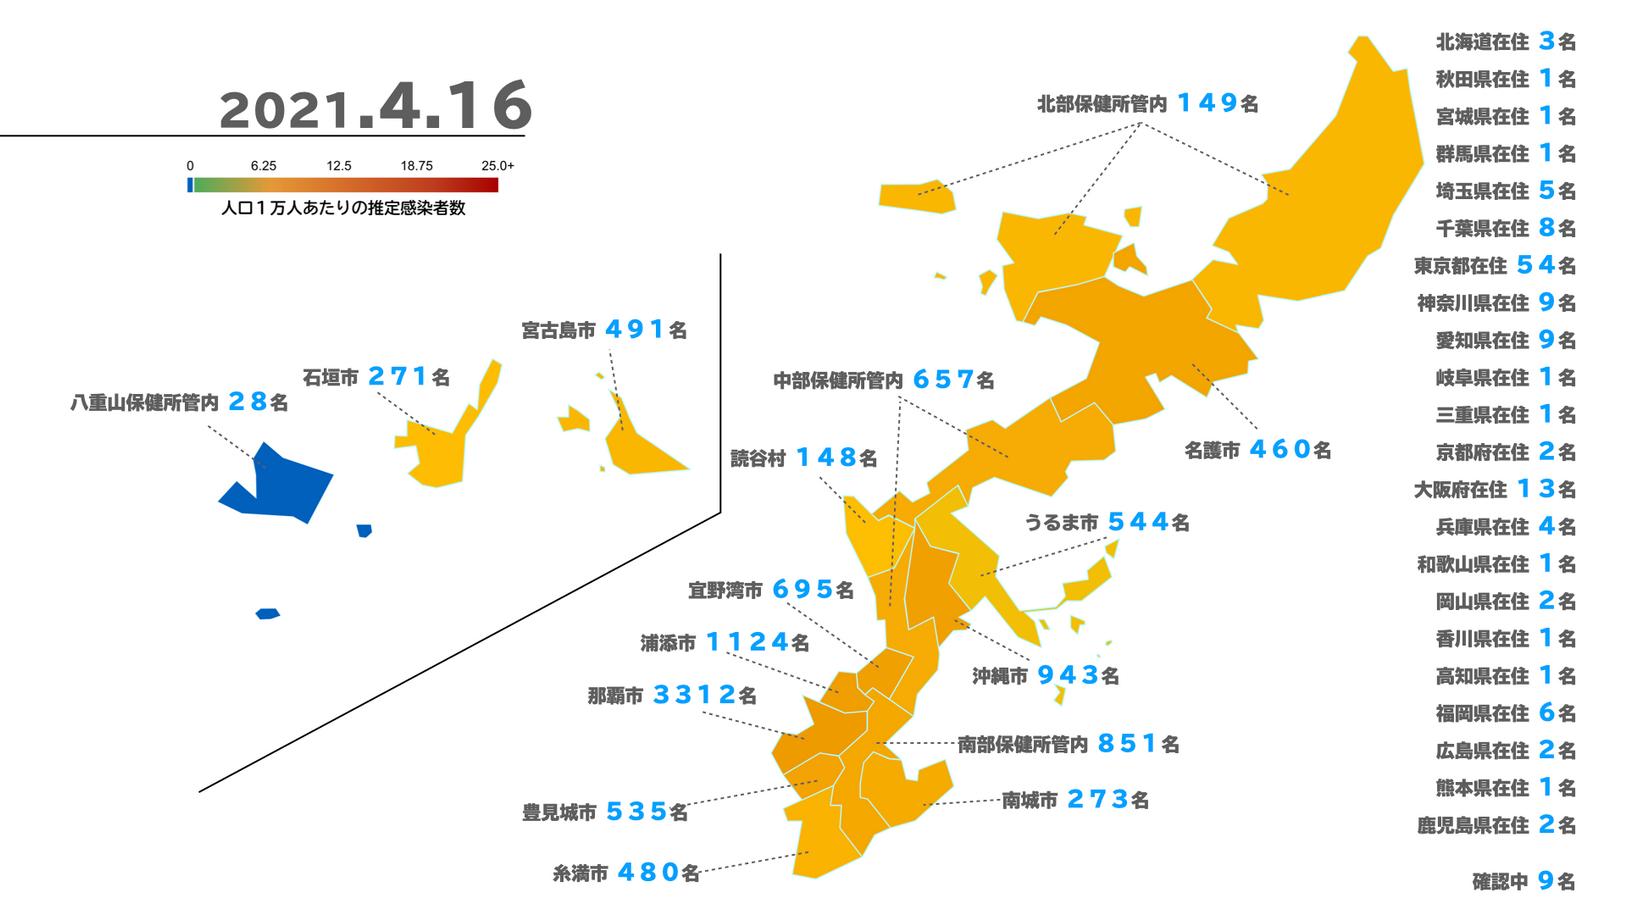 沖縄県新型コロナウイルス感染者マップ(2021/4/16 時点)